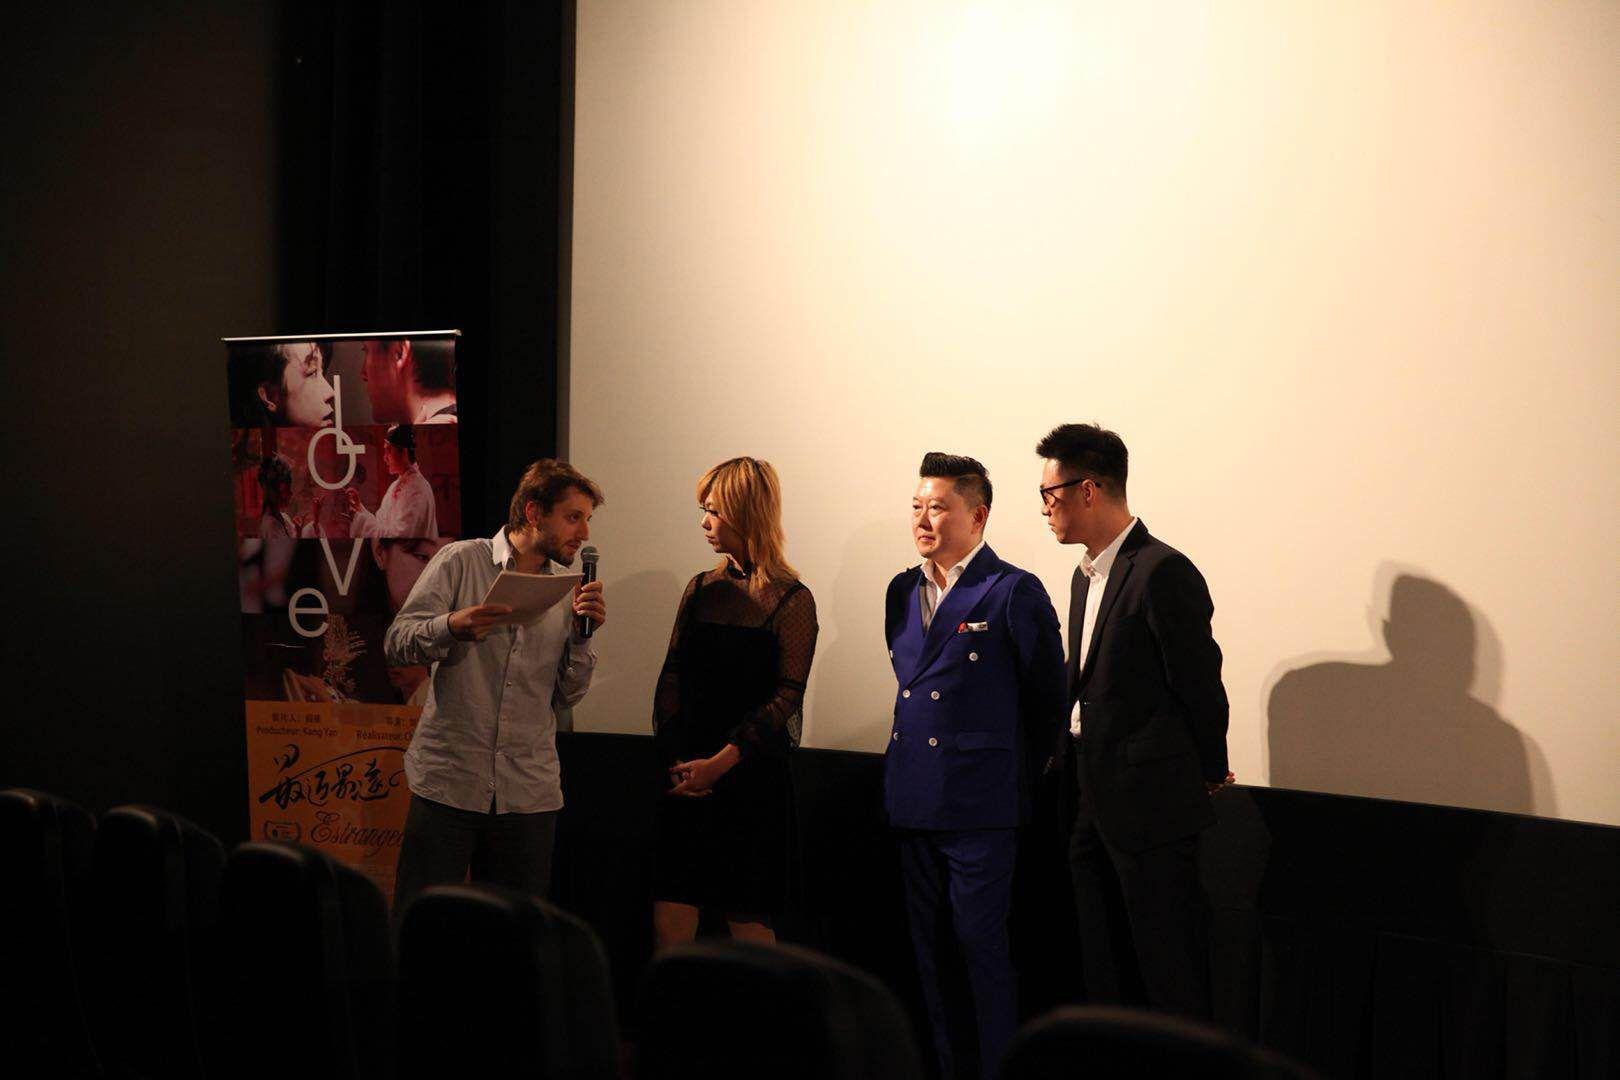 《最近最远的你》制片人阎康、导演刘城铭与现场观众交流.jpg